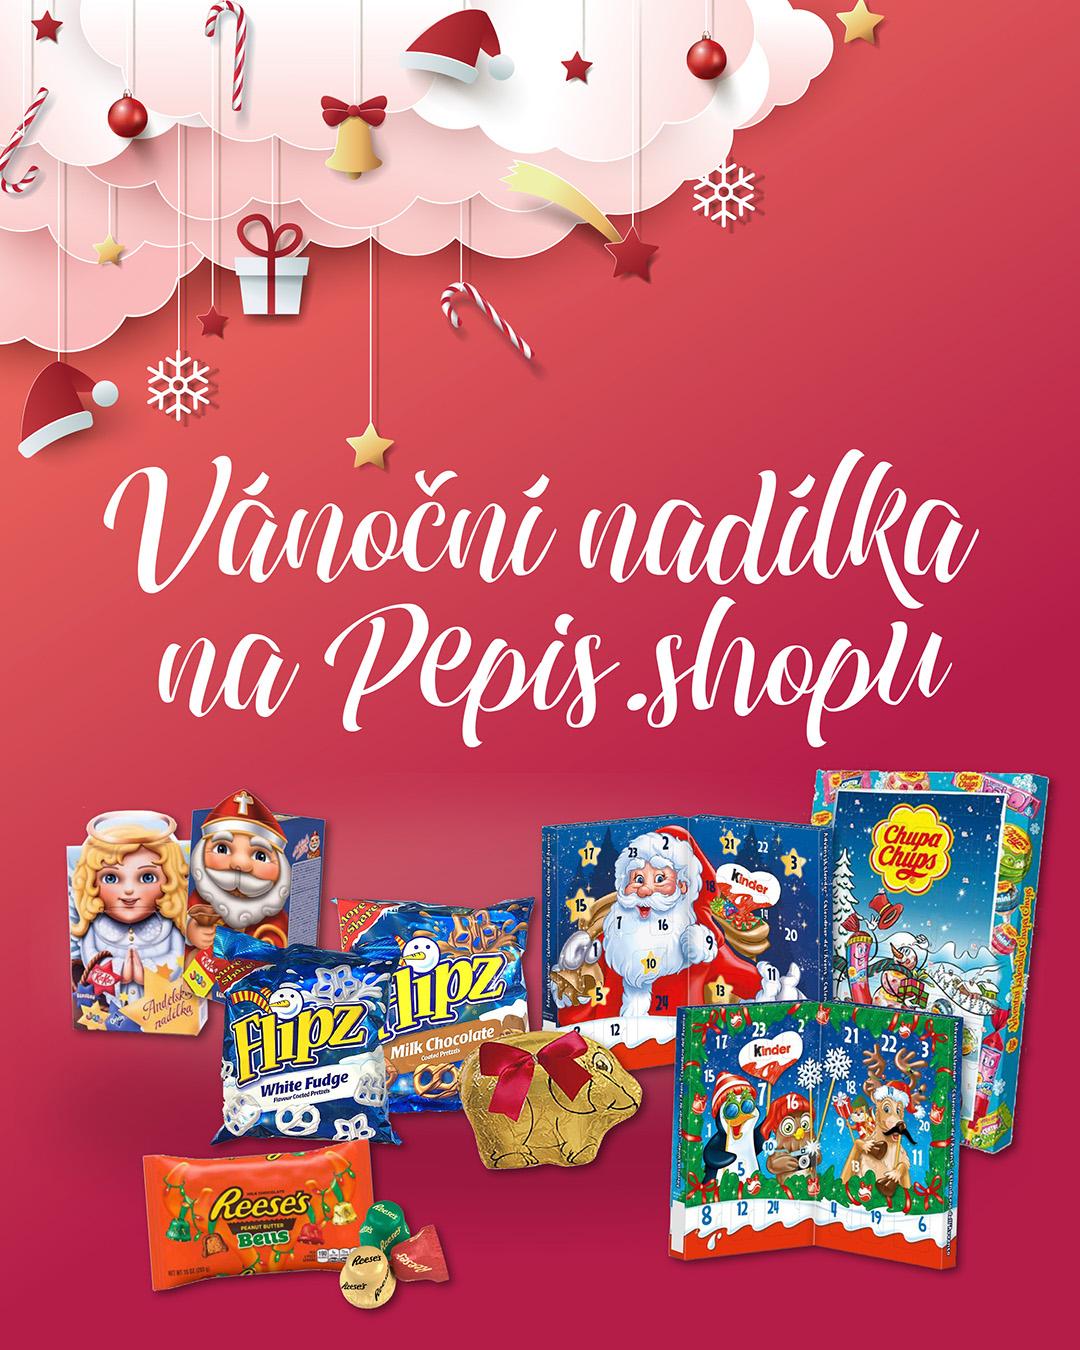 Vánoční nadílka na Pepis.shopu